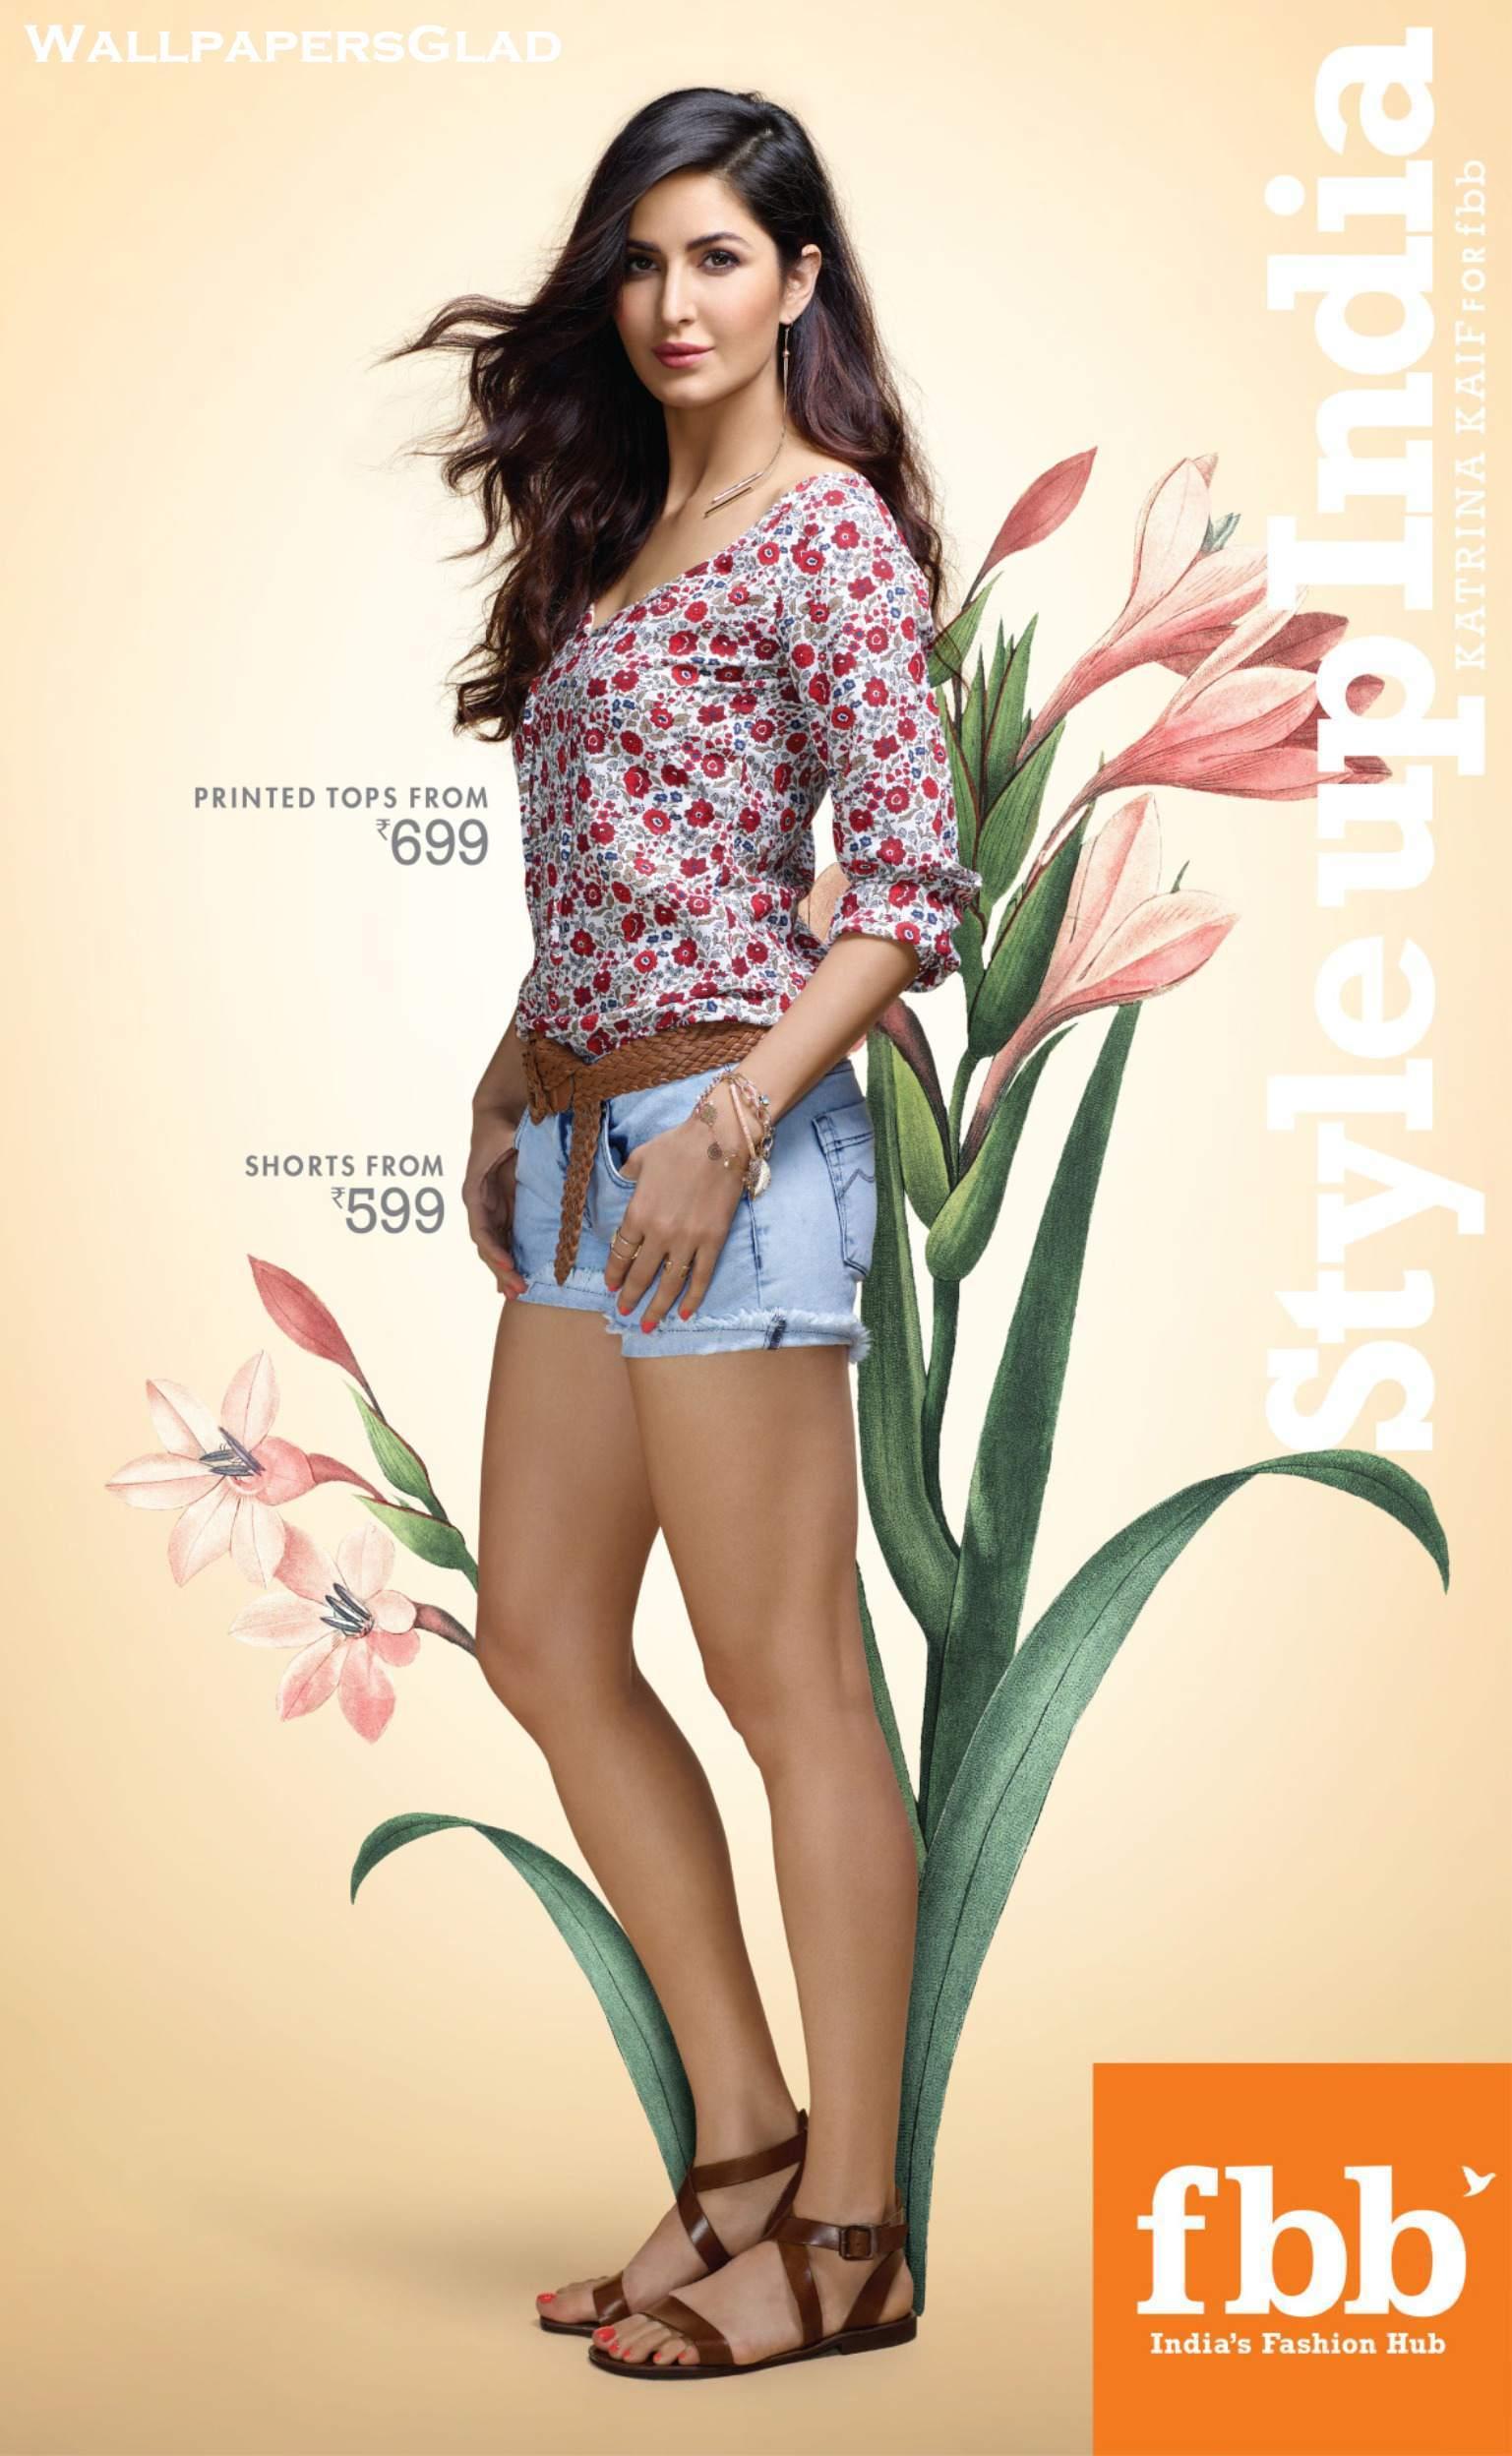 [Image: Katrina-Kaif-Feet-2558052.jpg]